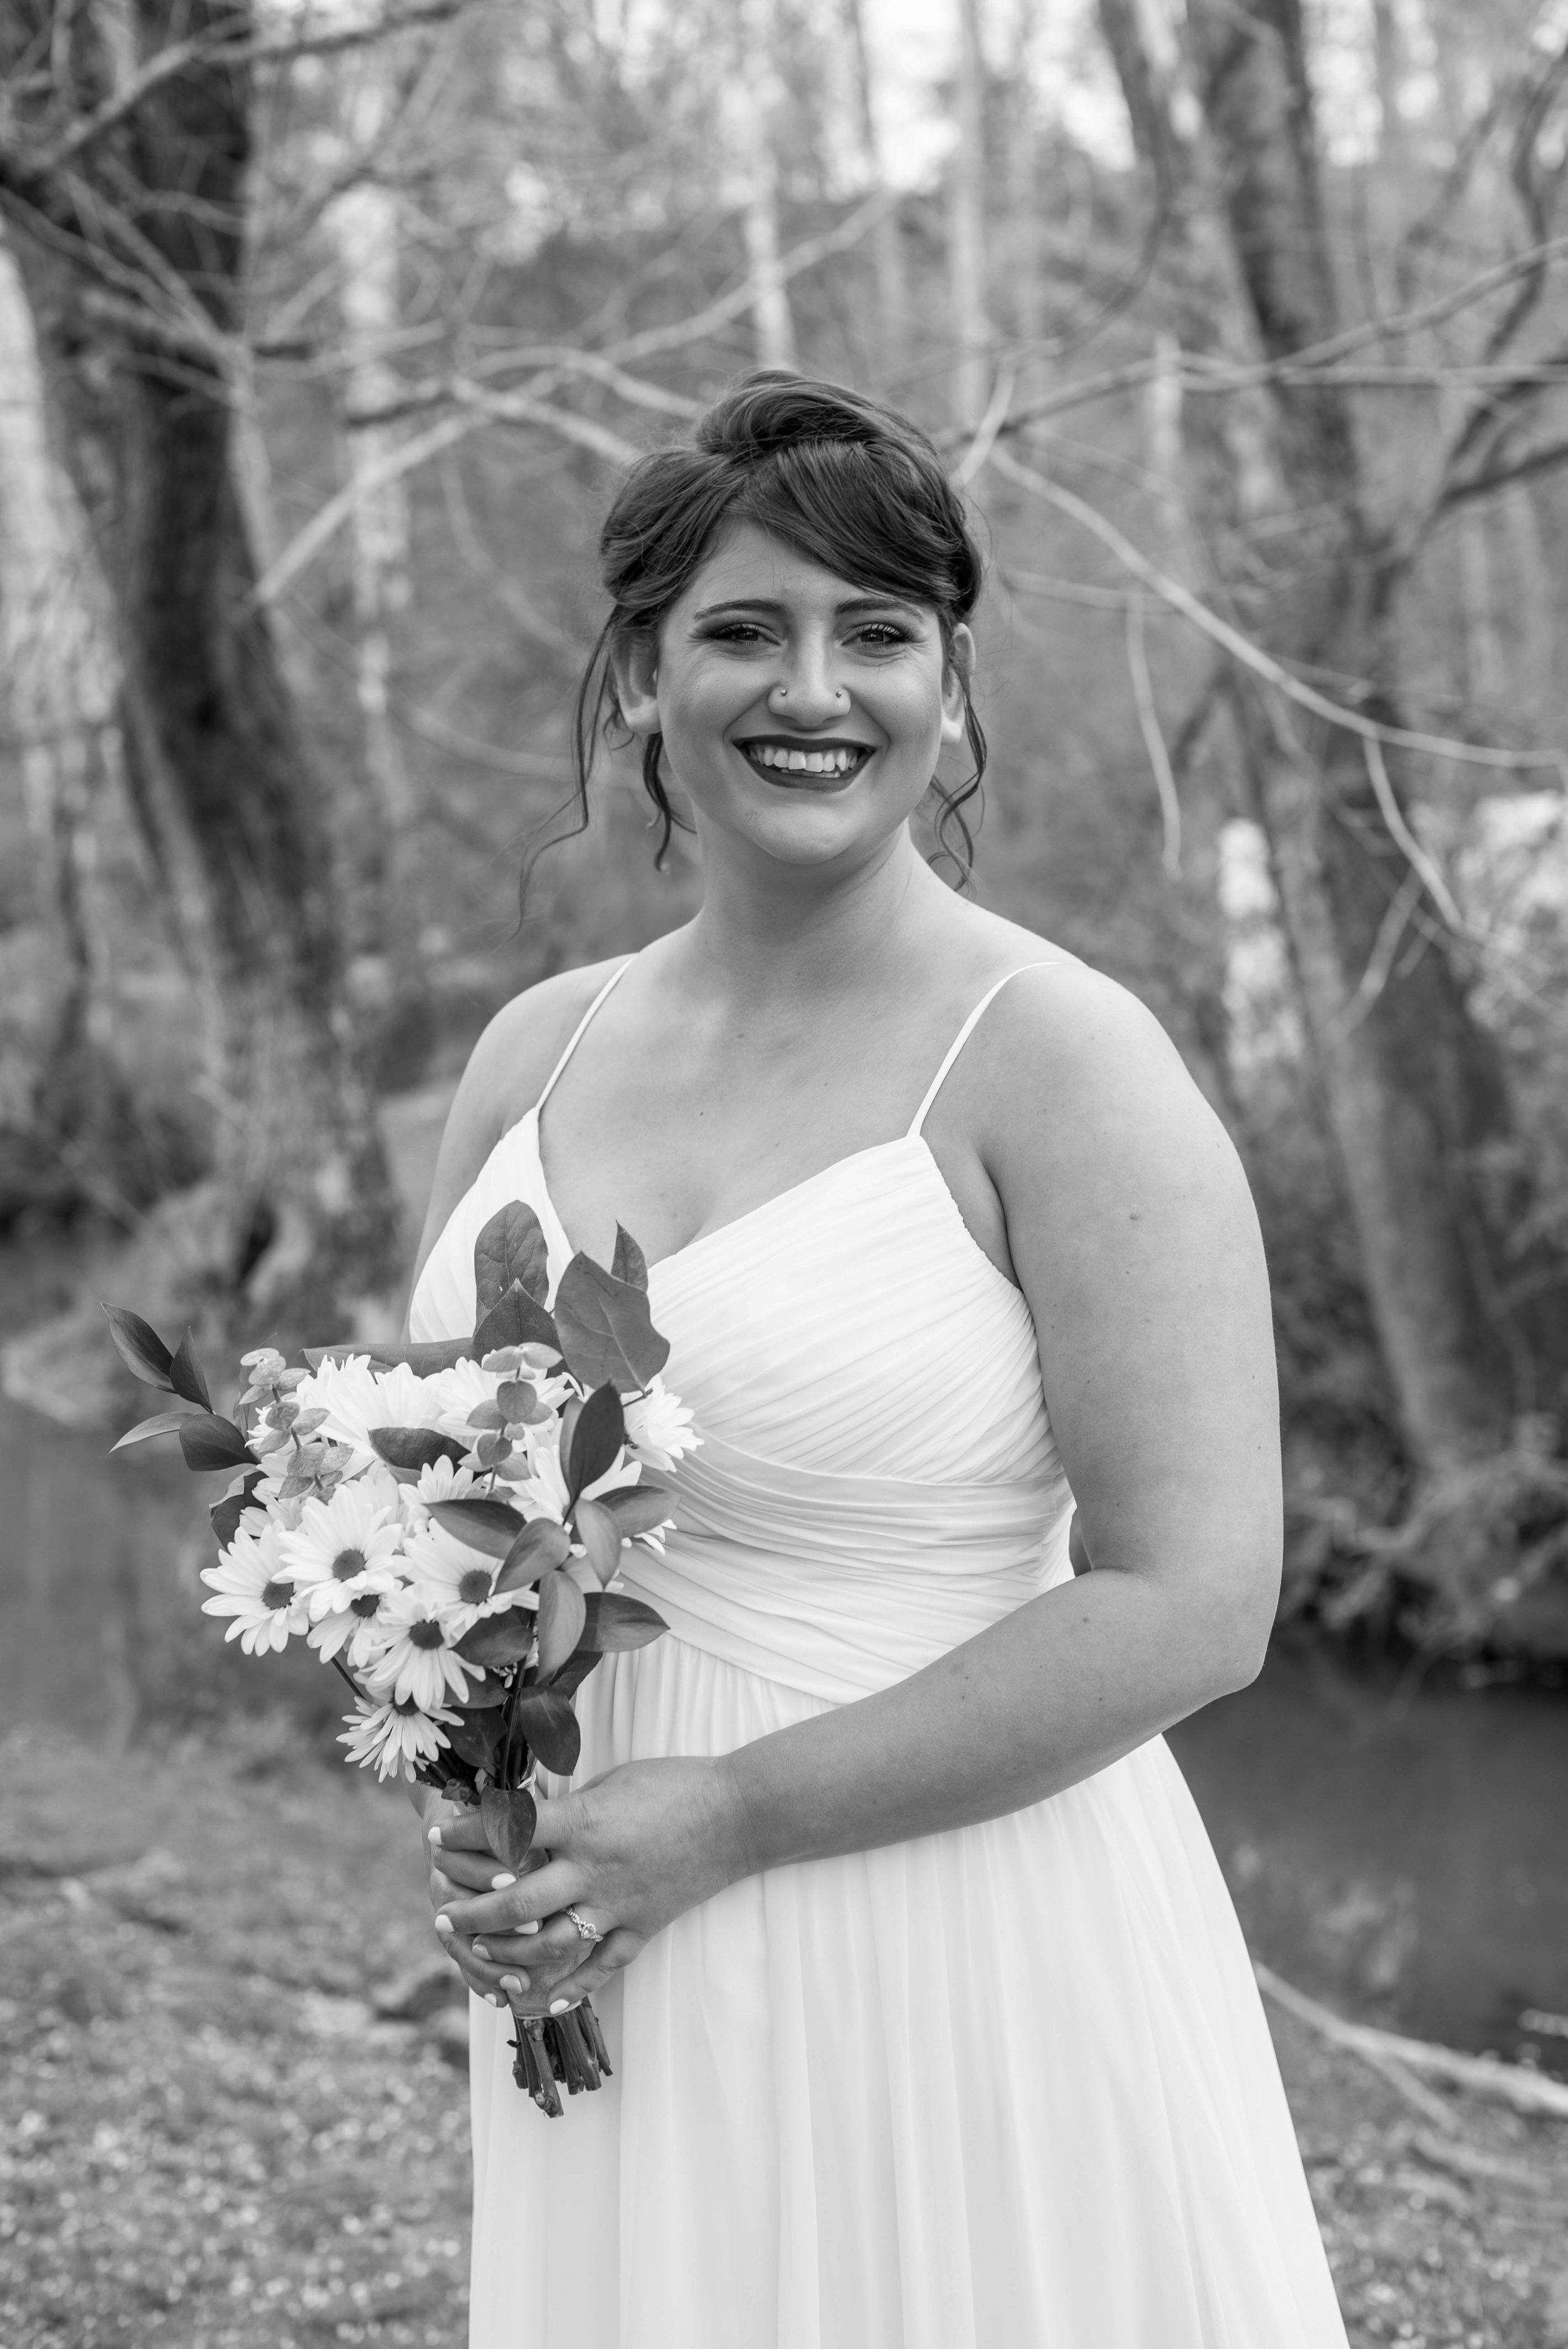 brideb&w-10.jpg